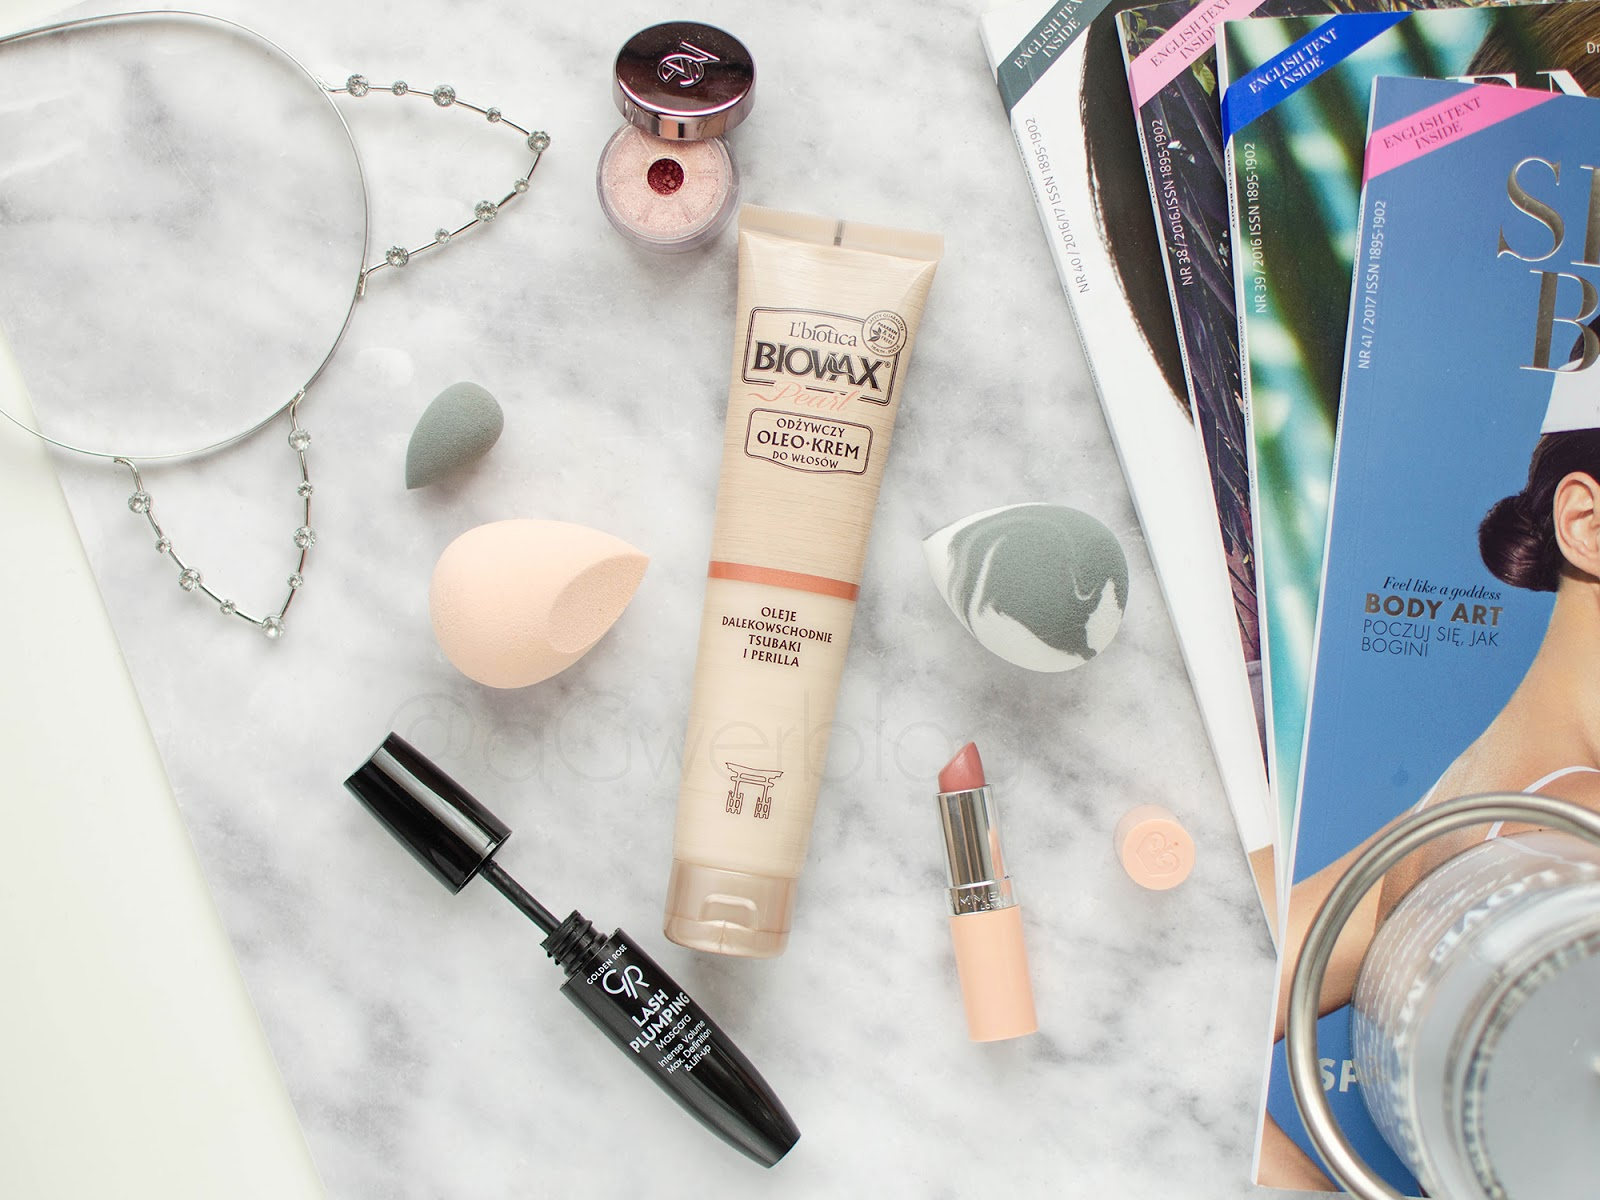 Ulubieńcy kwietnia | Makeup Geek, Biovax, Rimmel